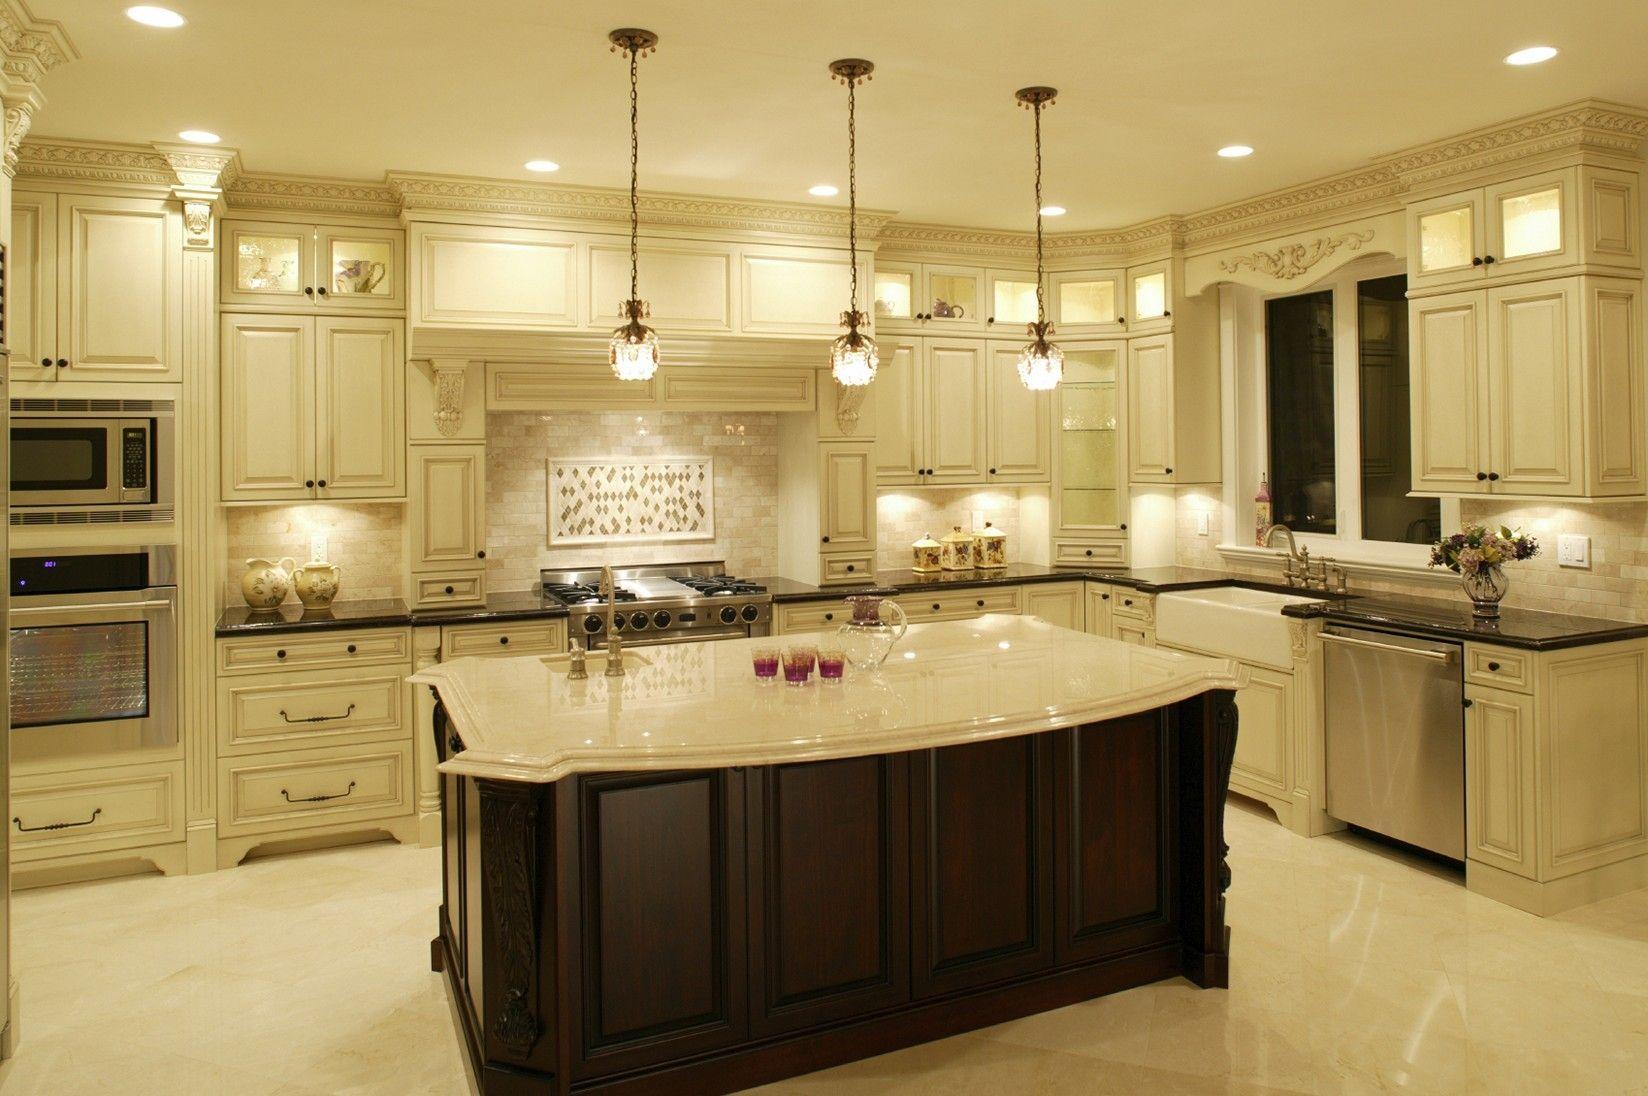 Cream Colored Kitchen Cabinets With Dark Island Antique White Kitchen Kitchen Lighting Design Beautiful Kitchens